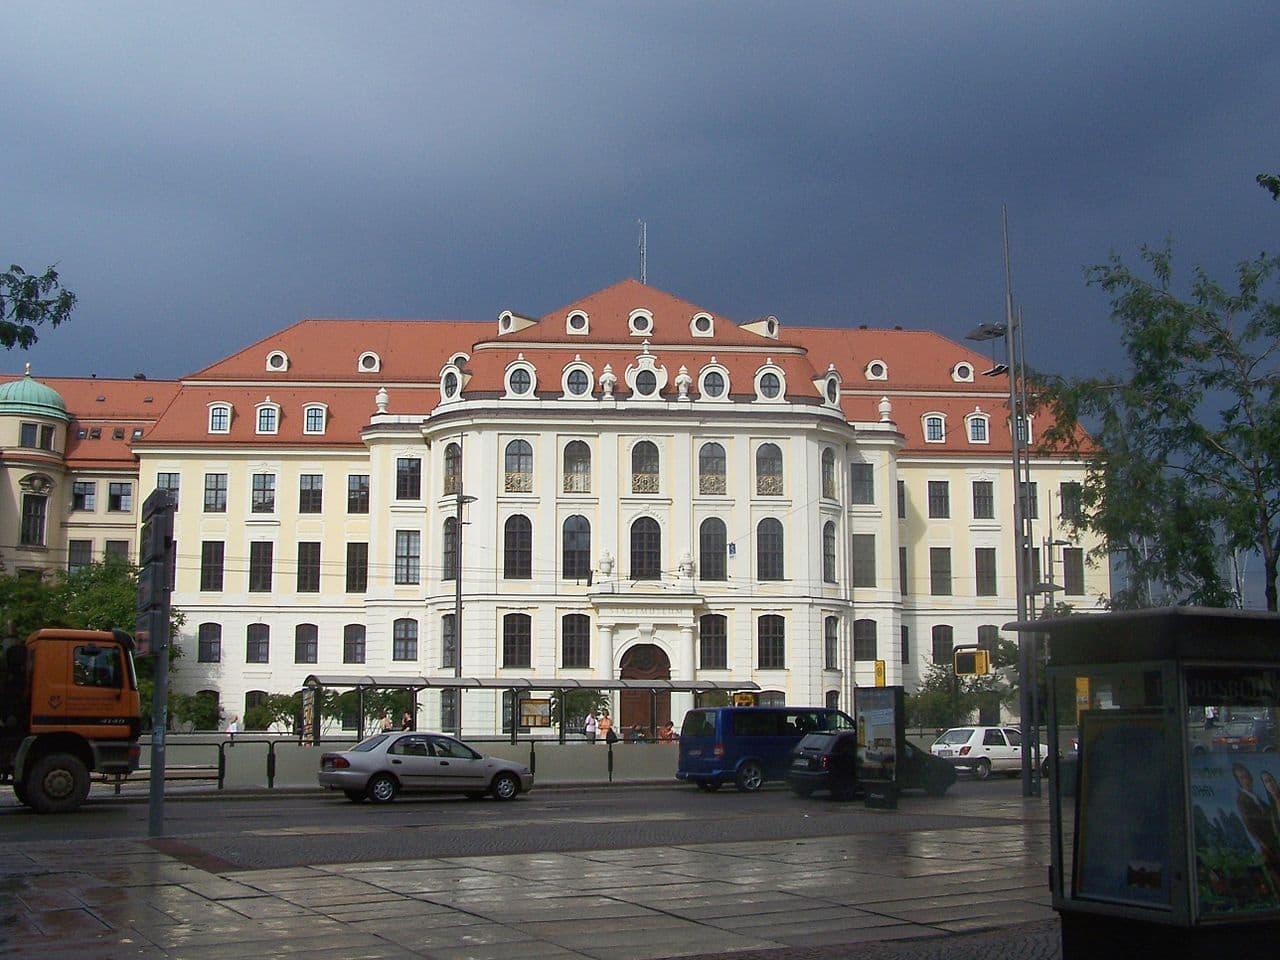 Dresden Altes Landhaus - Stadtmuseum